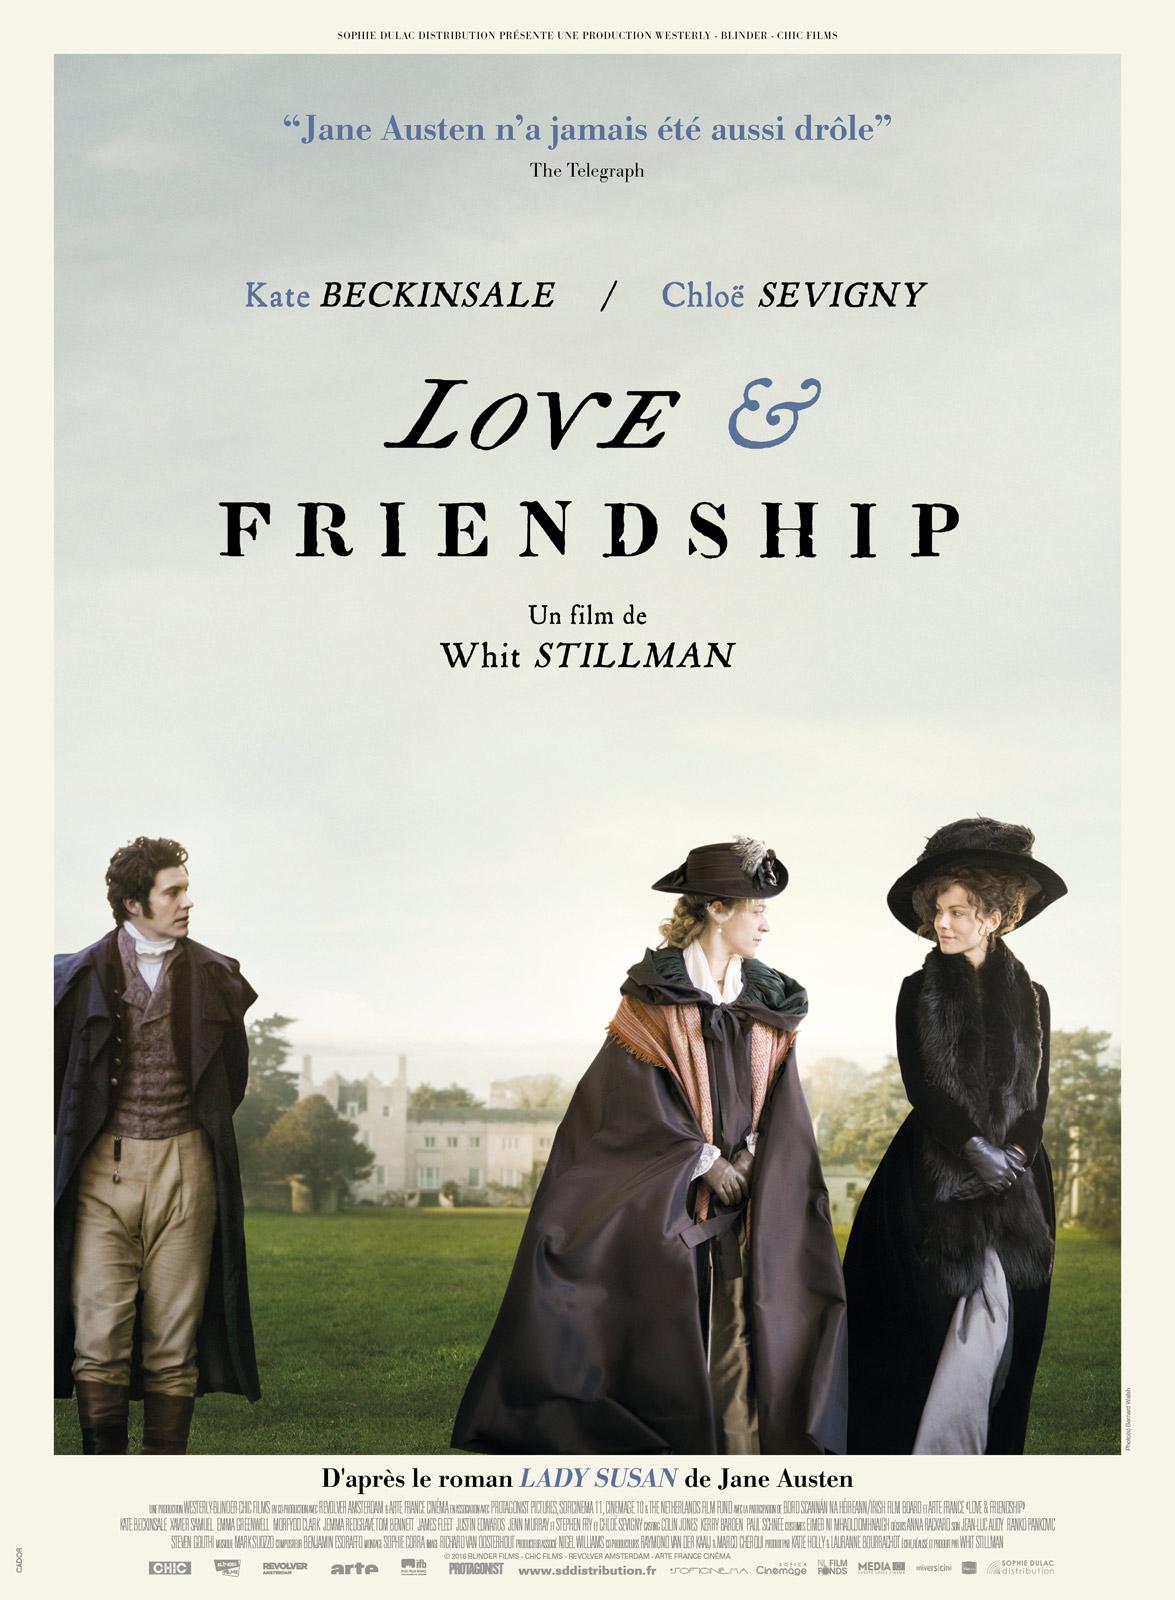 Love and friendship, le film de Whit Stillman adapté de Lady Susan - Page 6 030703